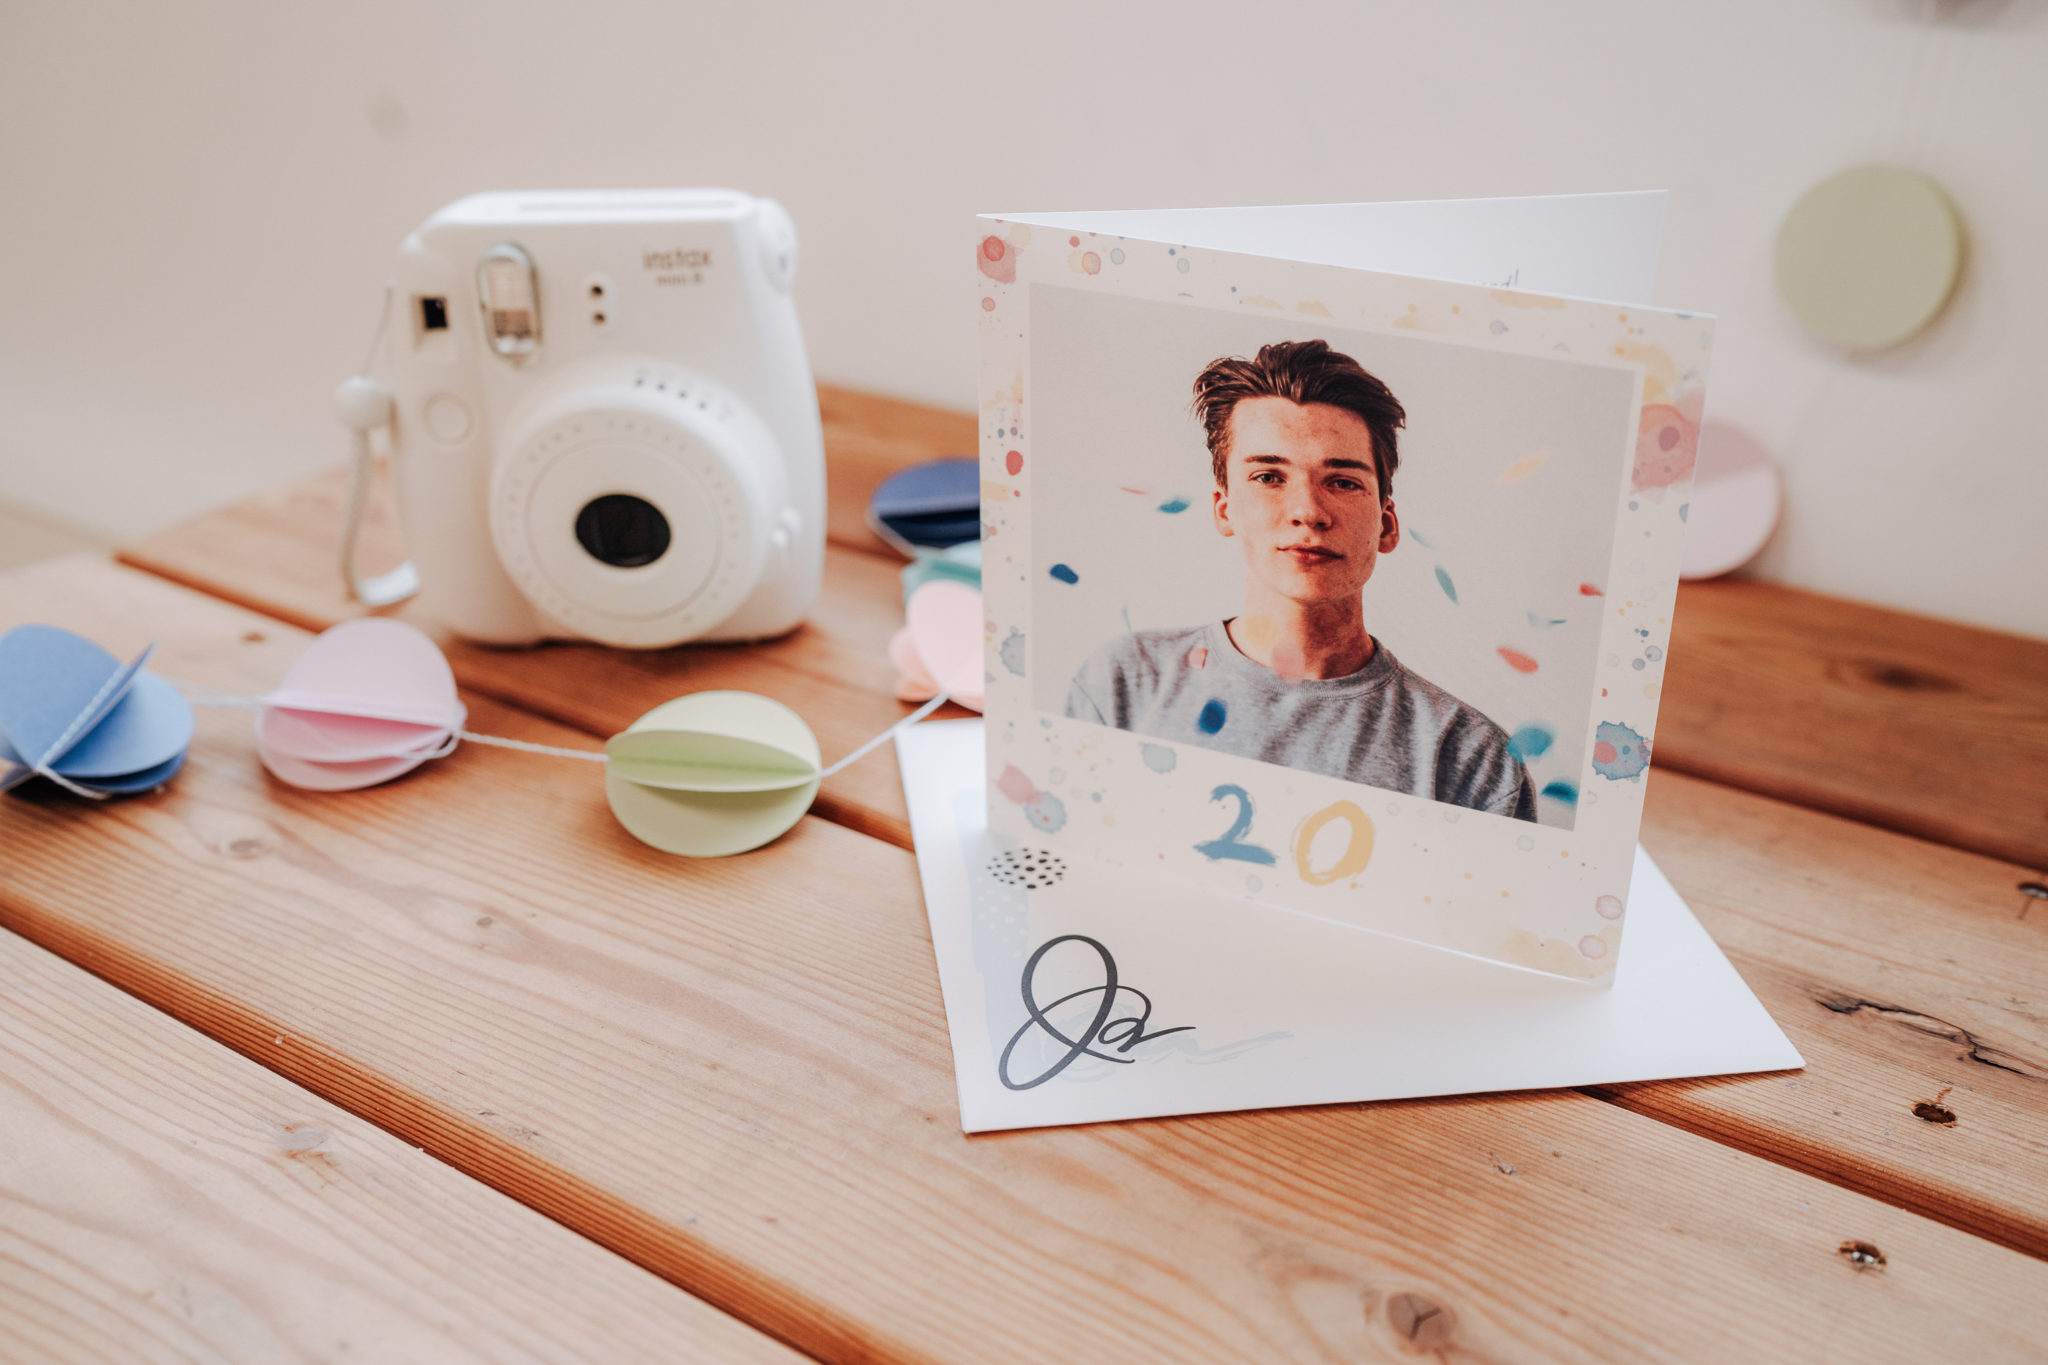 carte anniversaire coloree pour homme 20 ans